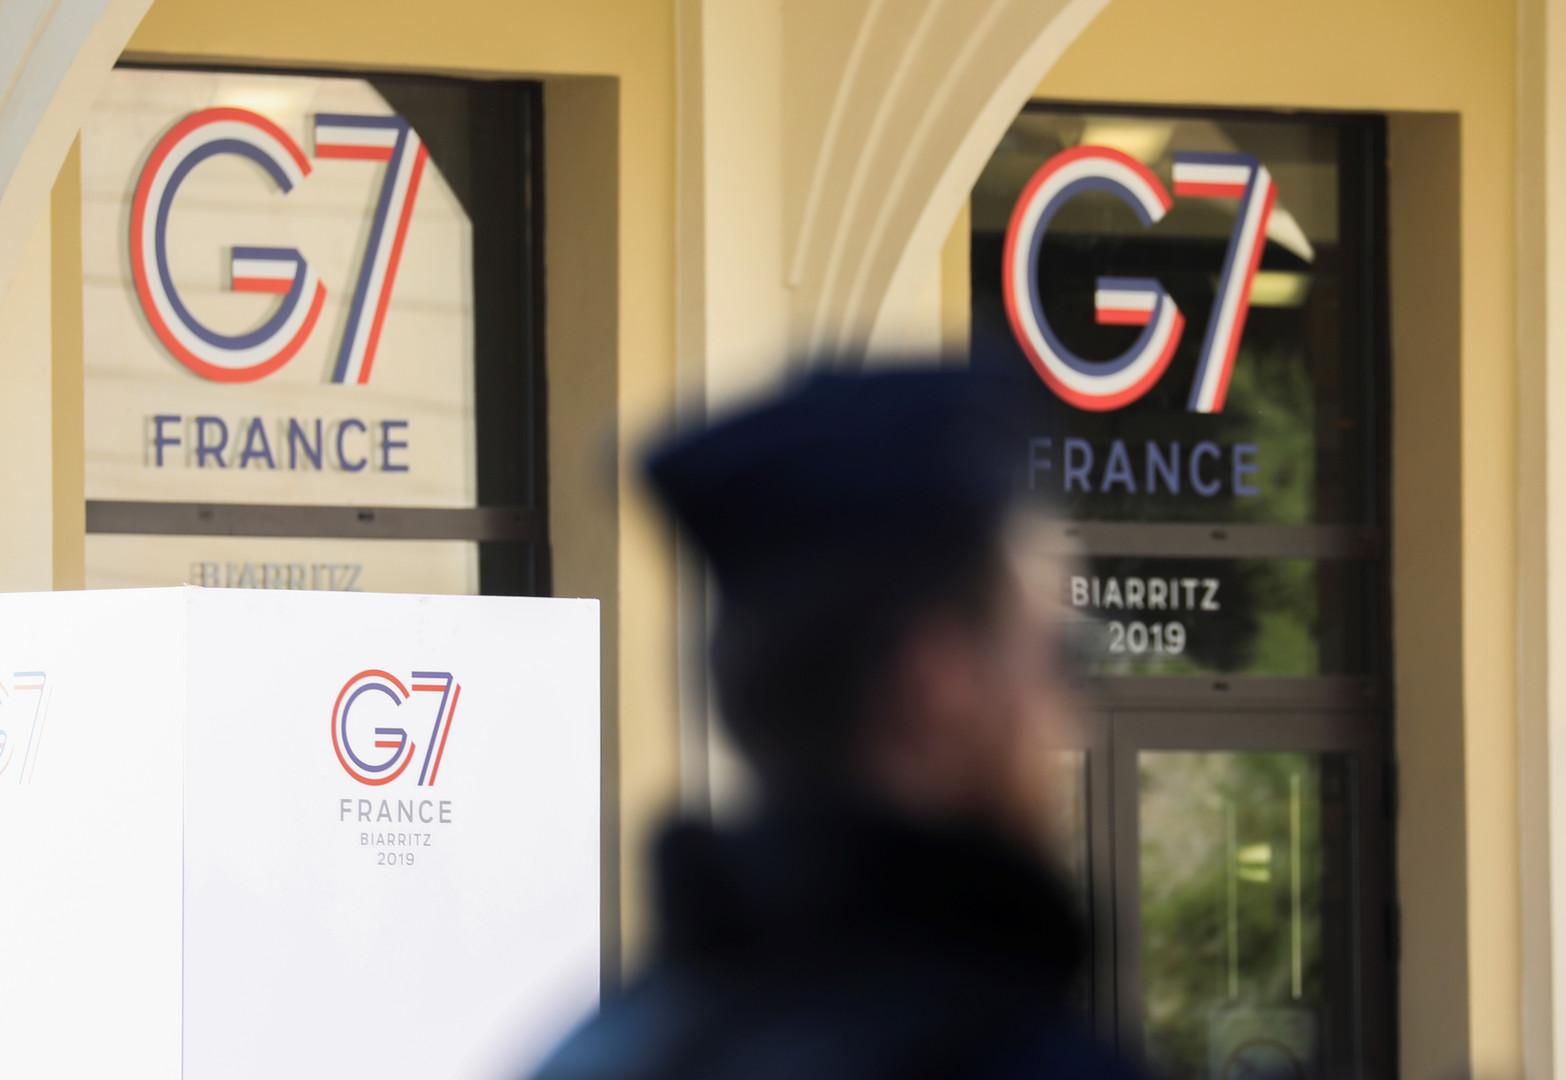 قمة G7 في فرنسا..